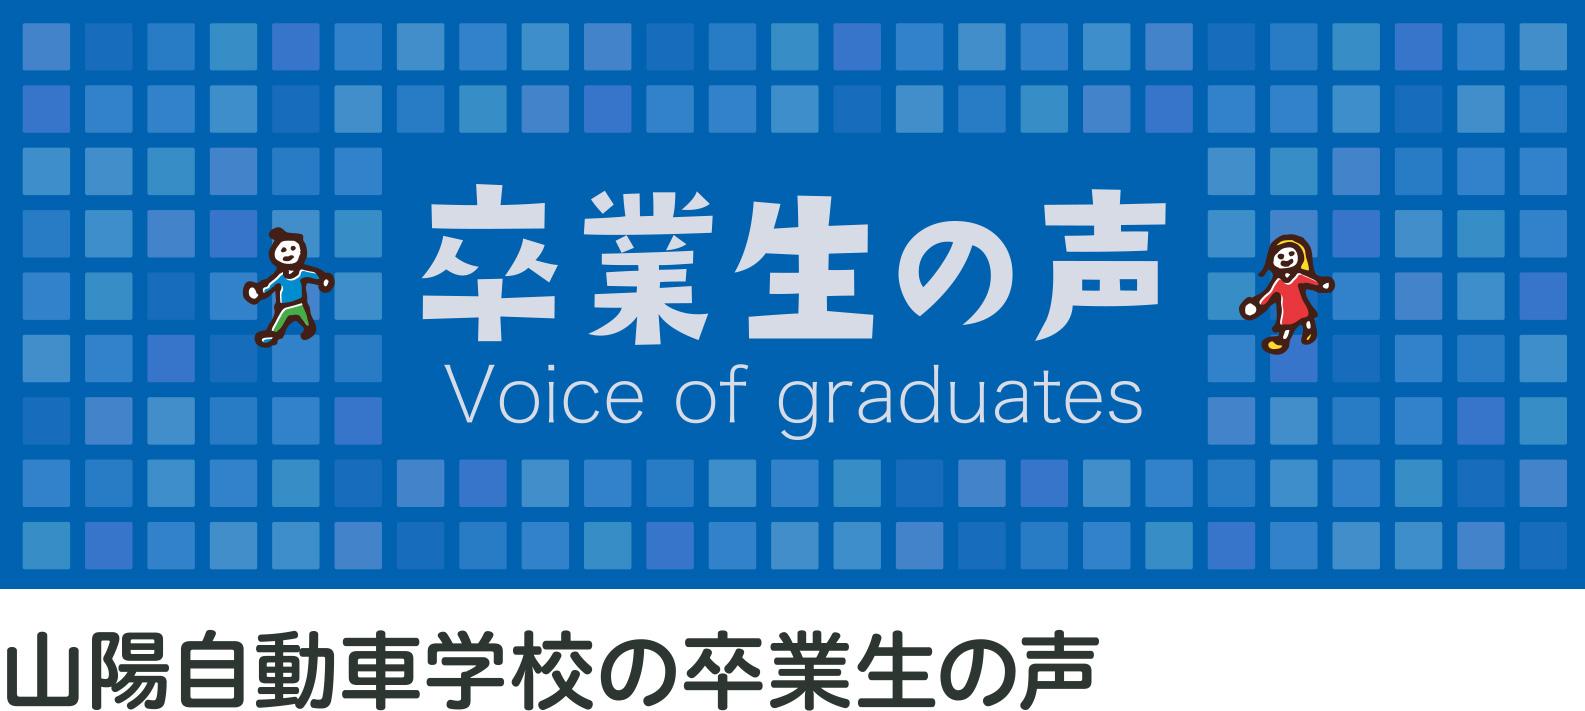 卒業生の声 - 山陽自動車学校の卒業生の声